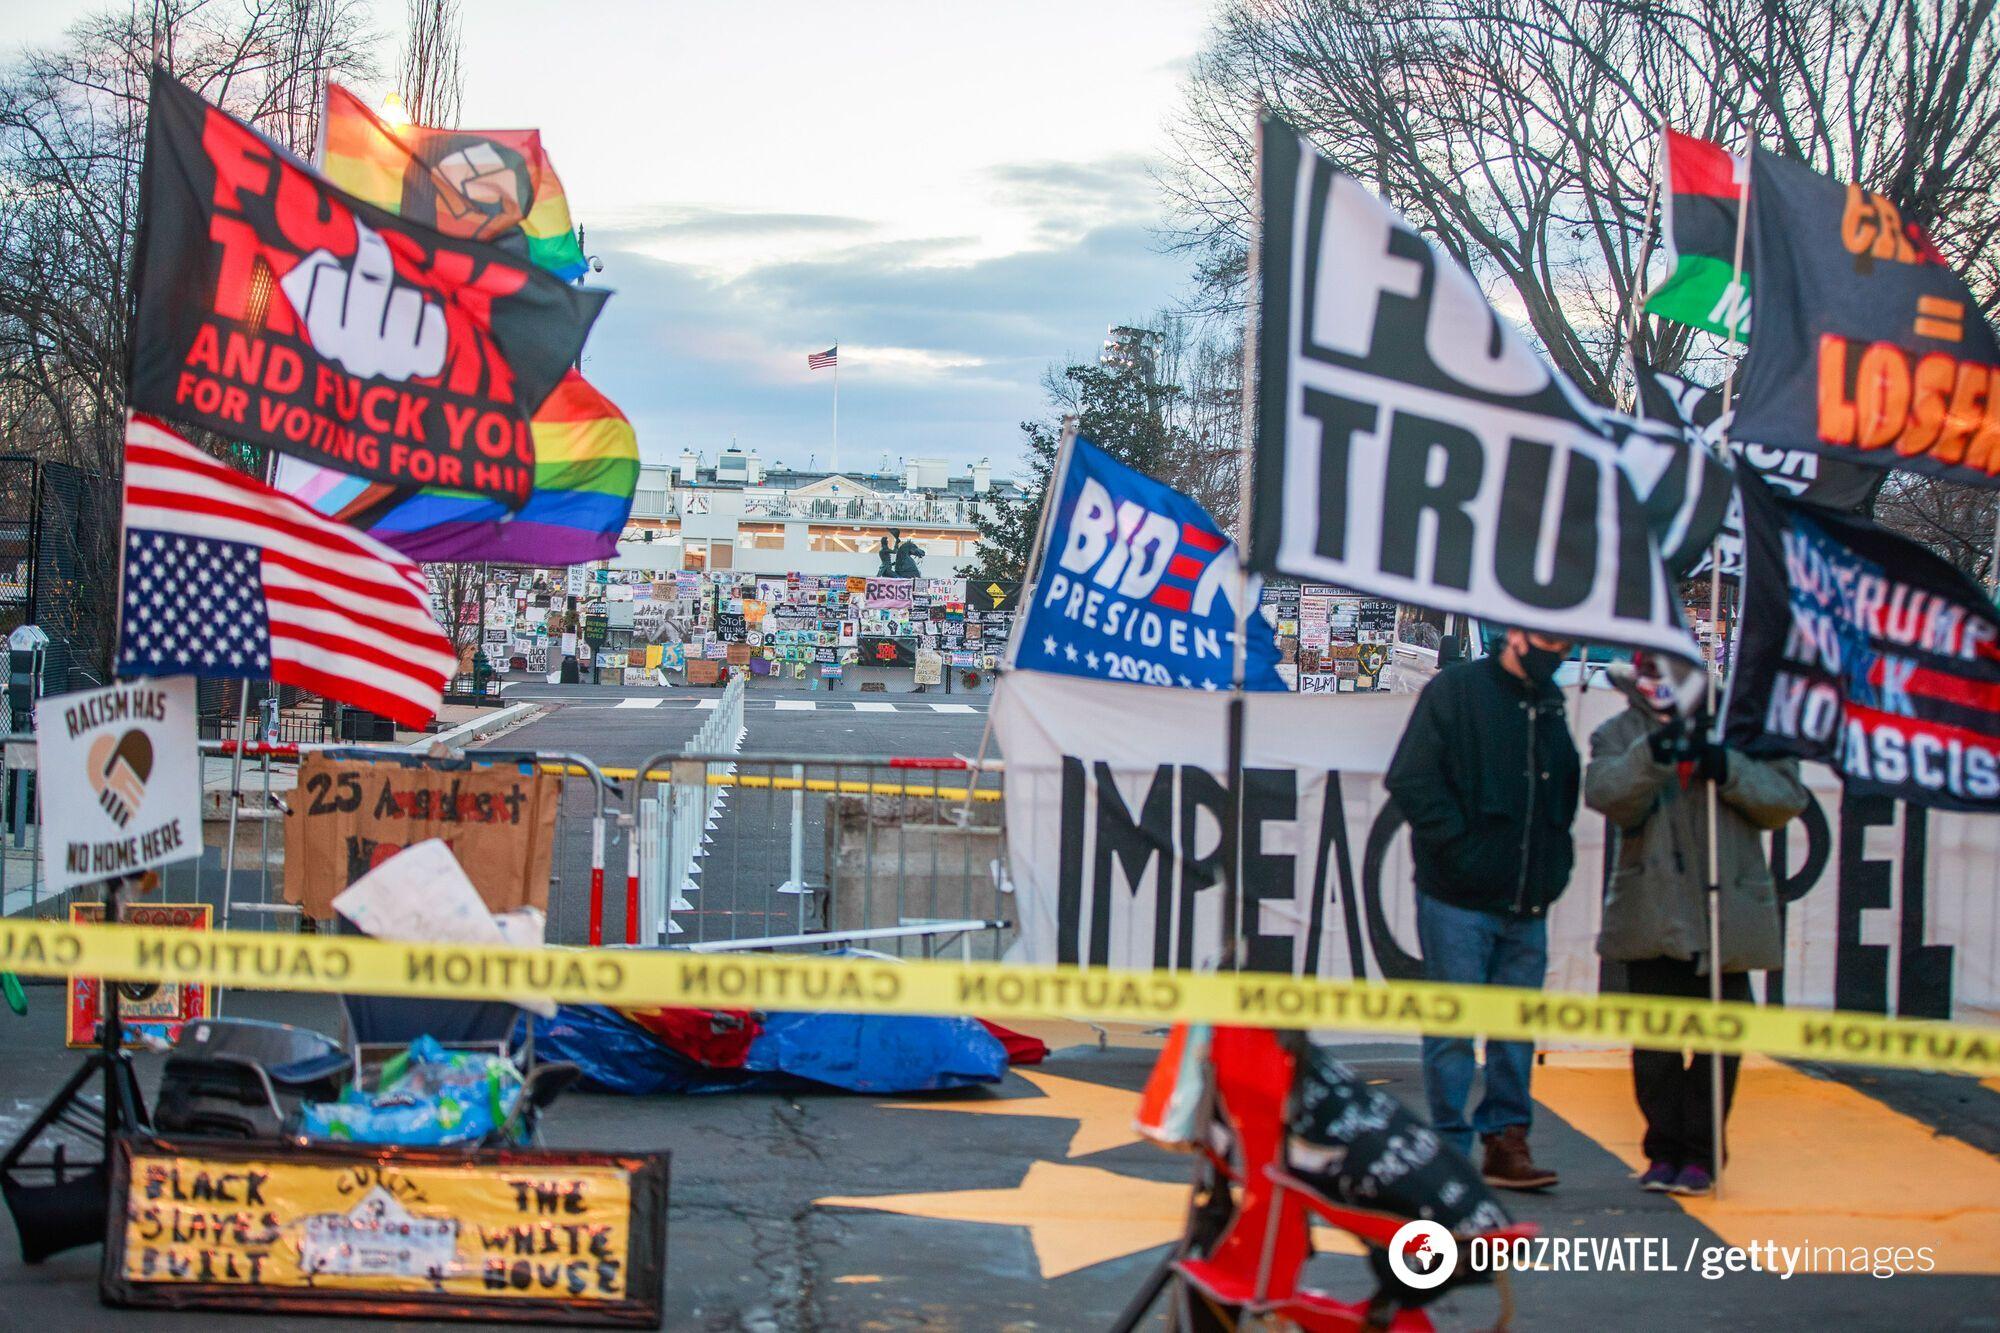 Мітинги у Вашингтоні напередодні інавгурації